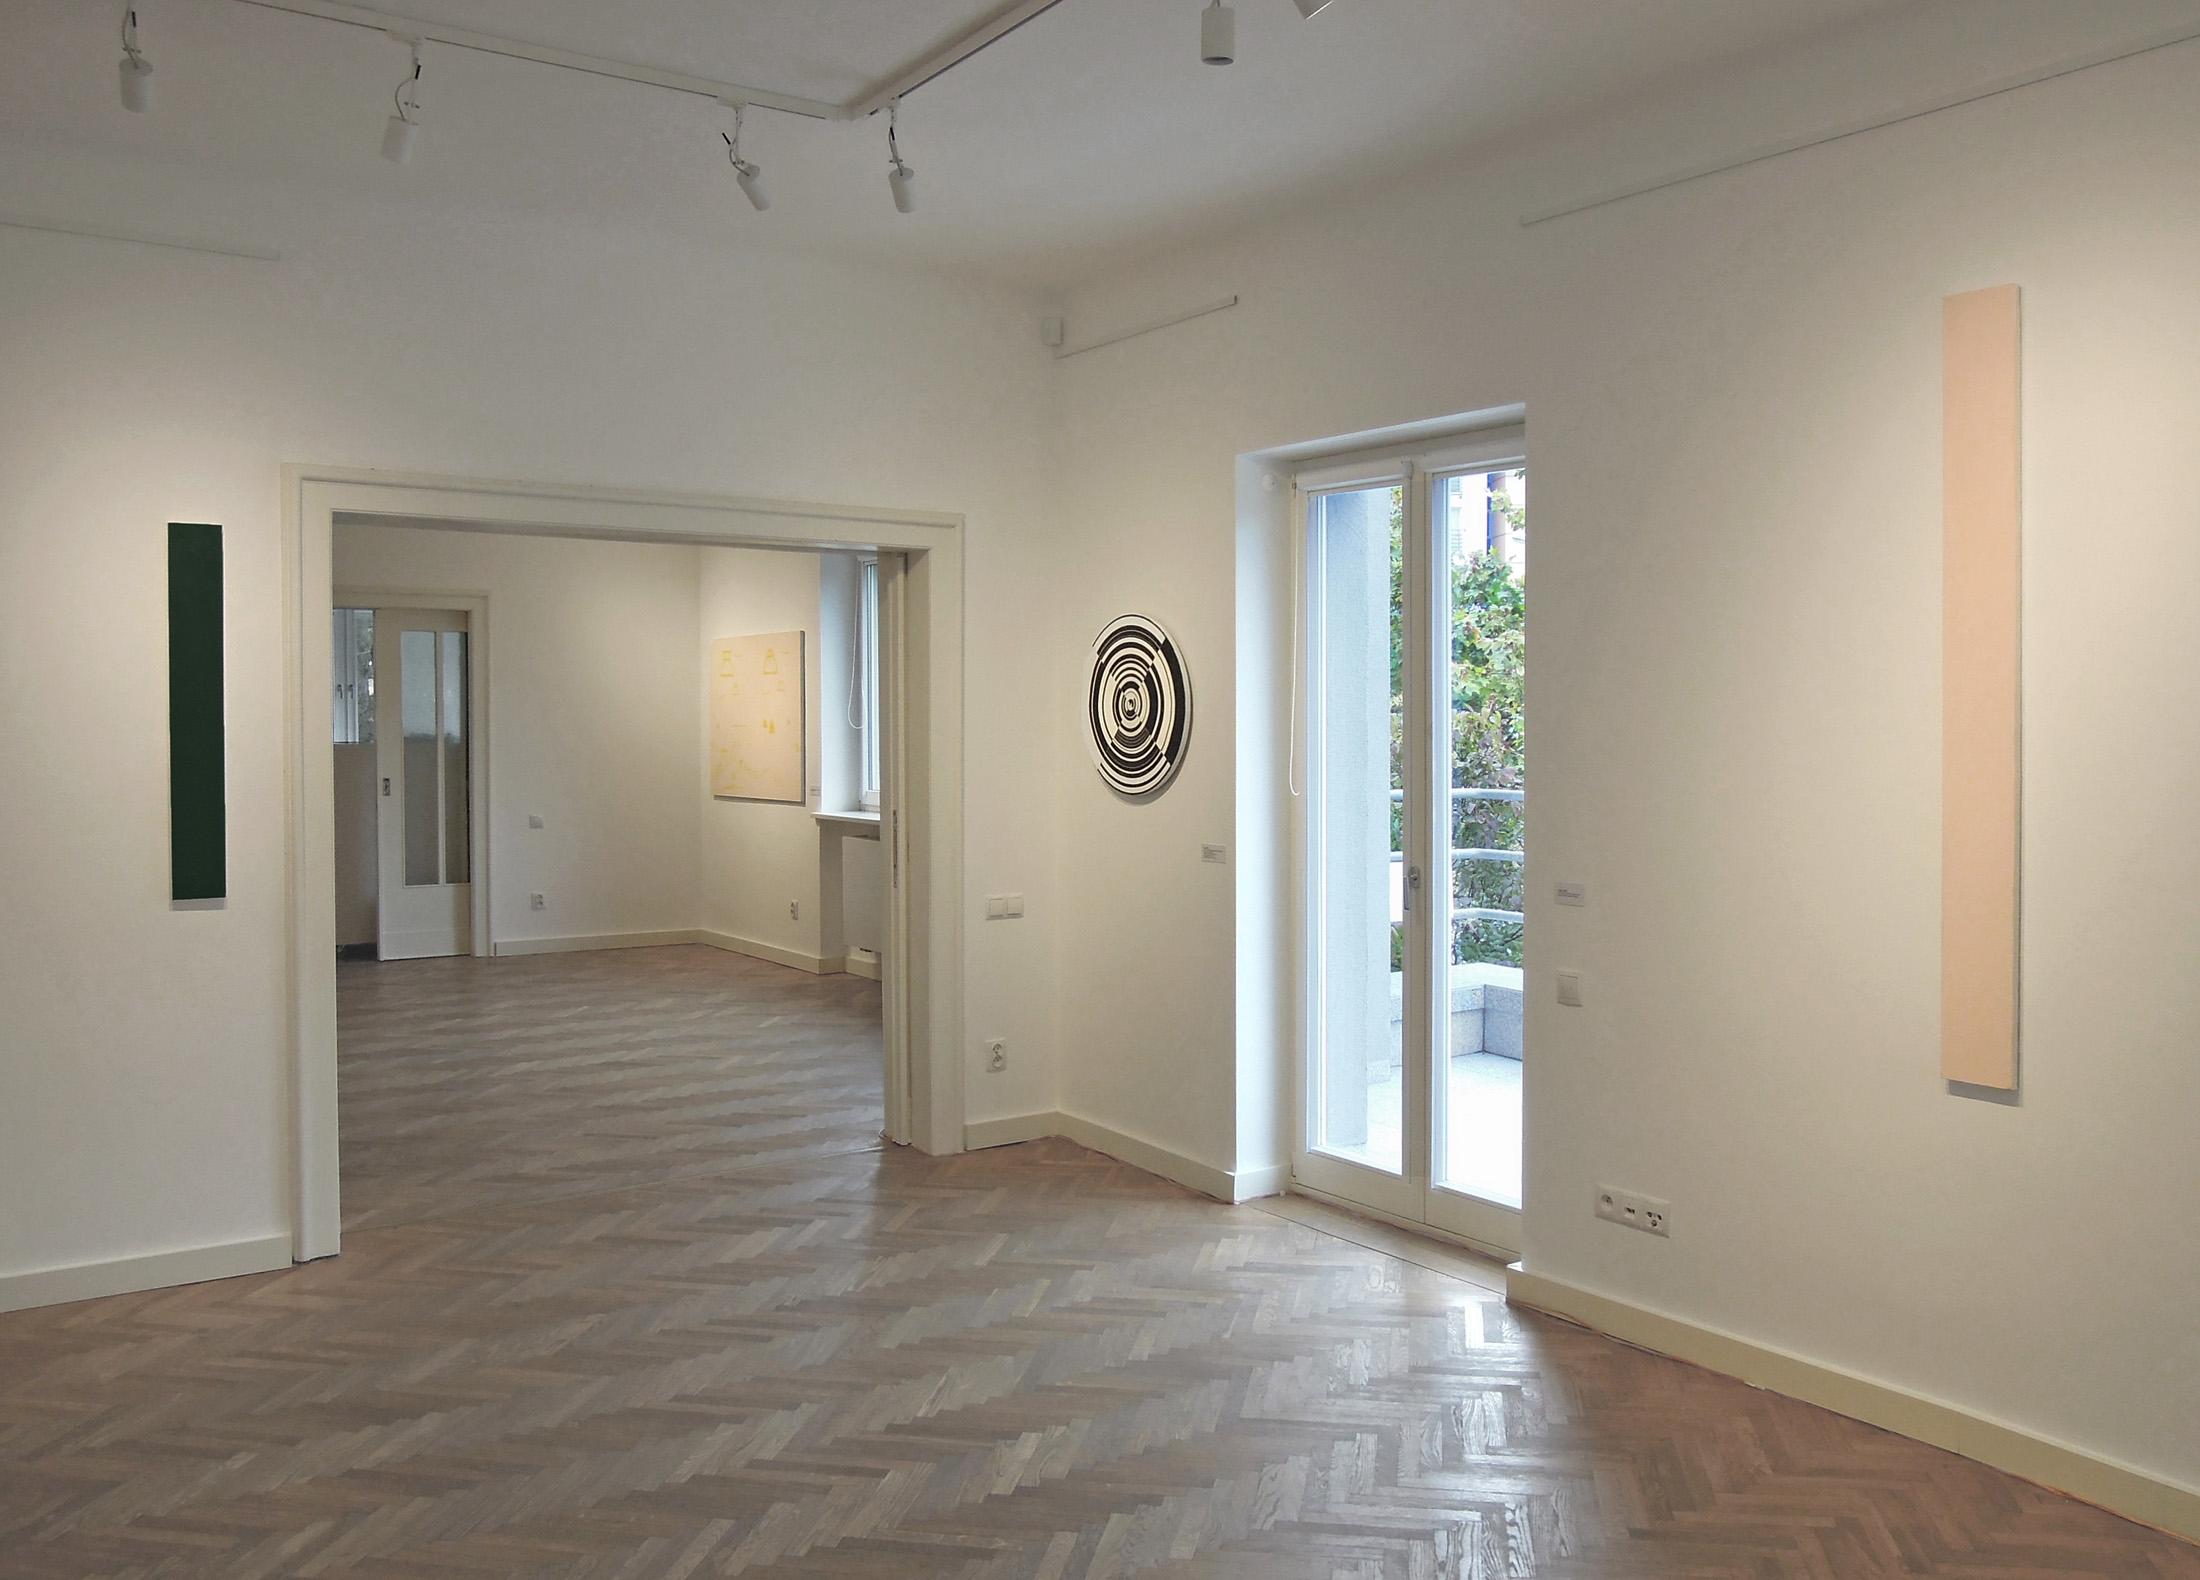 Od lewej: Sycylia, część nr4, Casa di Signorina, Maestroni, Zero, Sycylia, część nr2, Galeria Ego